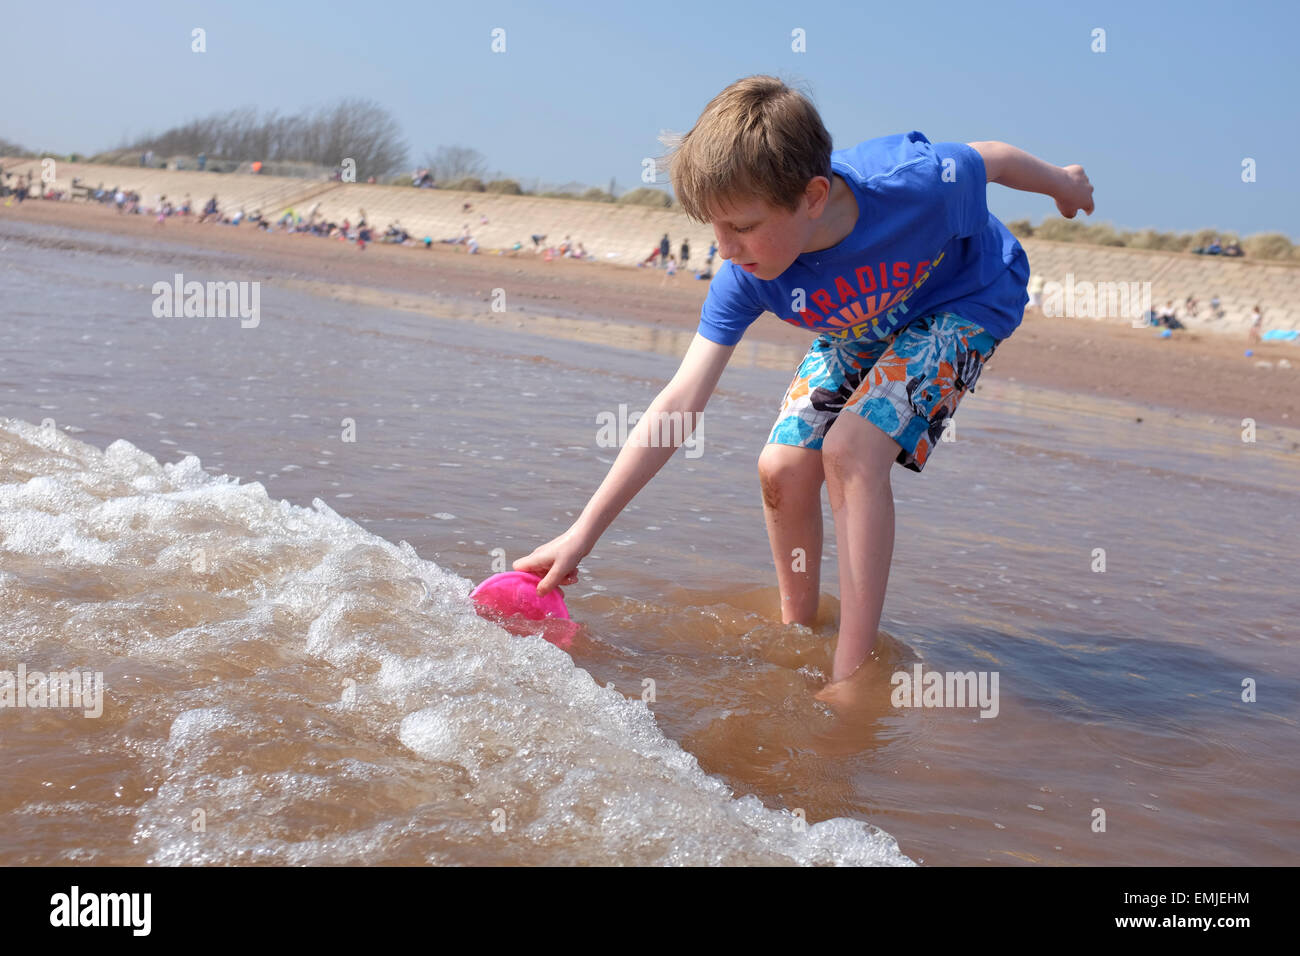 Un ragazzo a raccogliere acqua in un secchio su una spiaggia del Regno Unito Immagini Stock